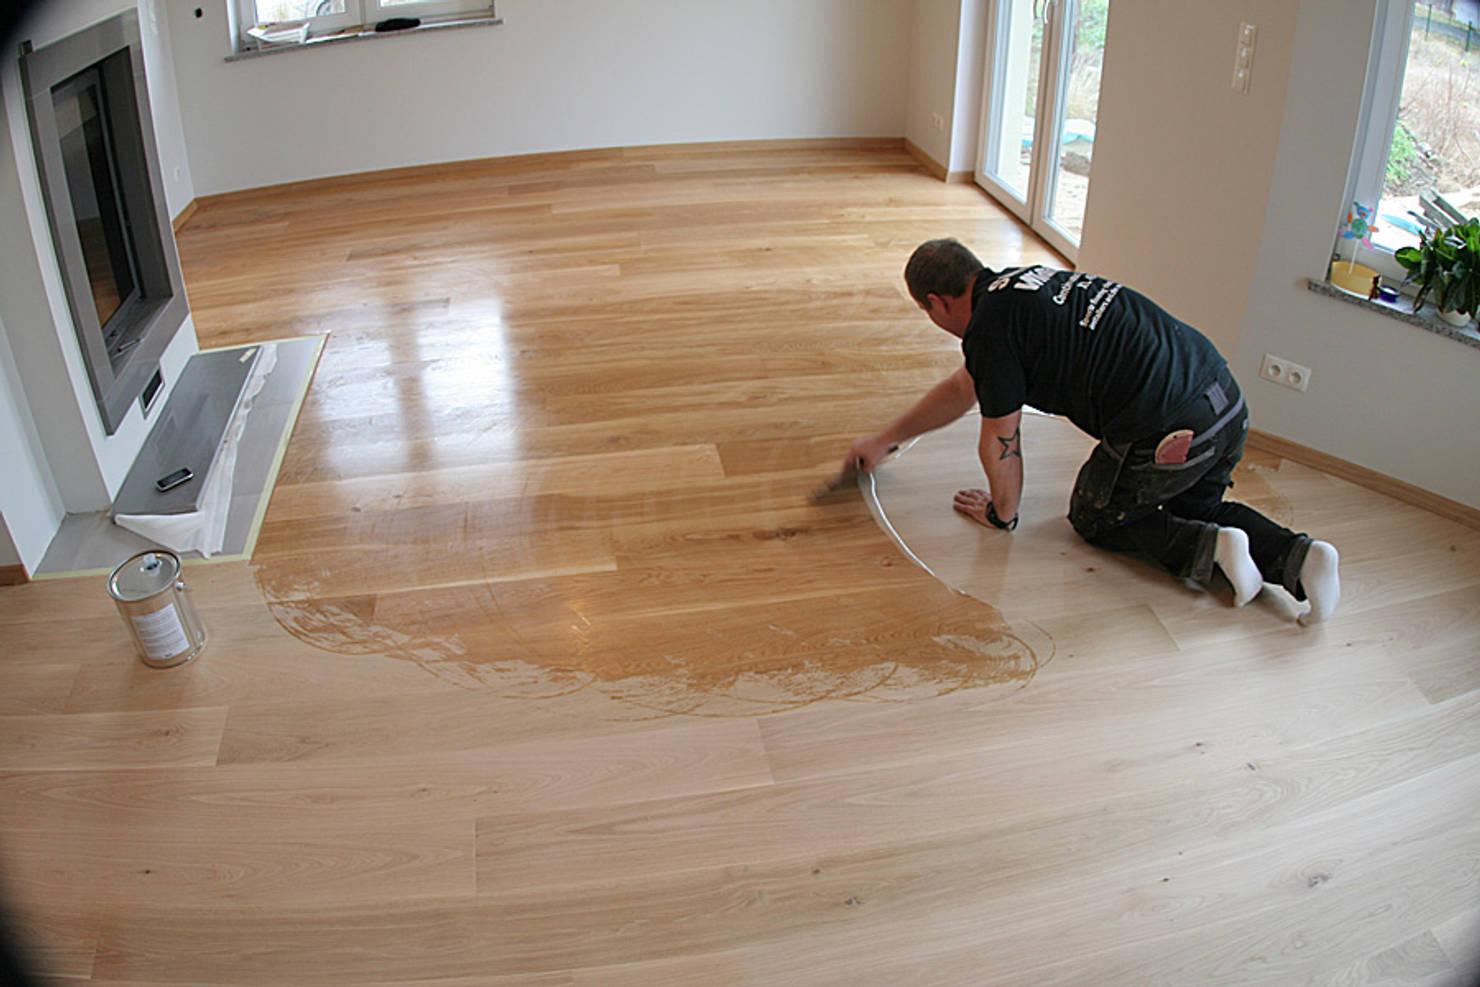 Cómo pulir y barnizar un suelo de madera: ¡en 5 pasos!